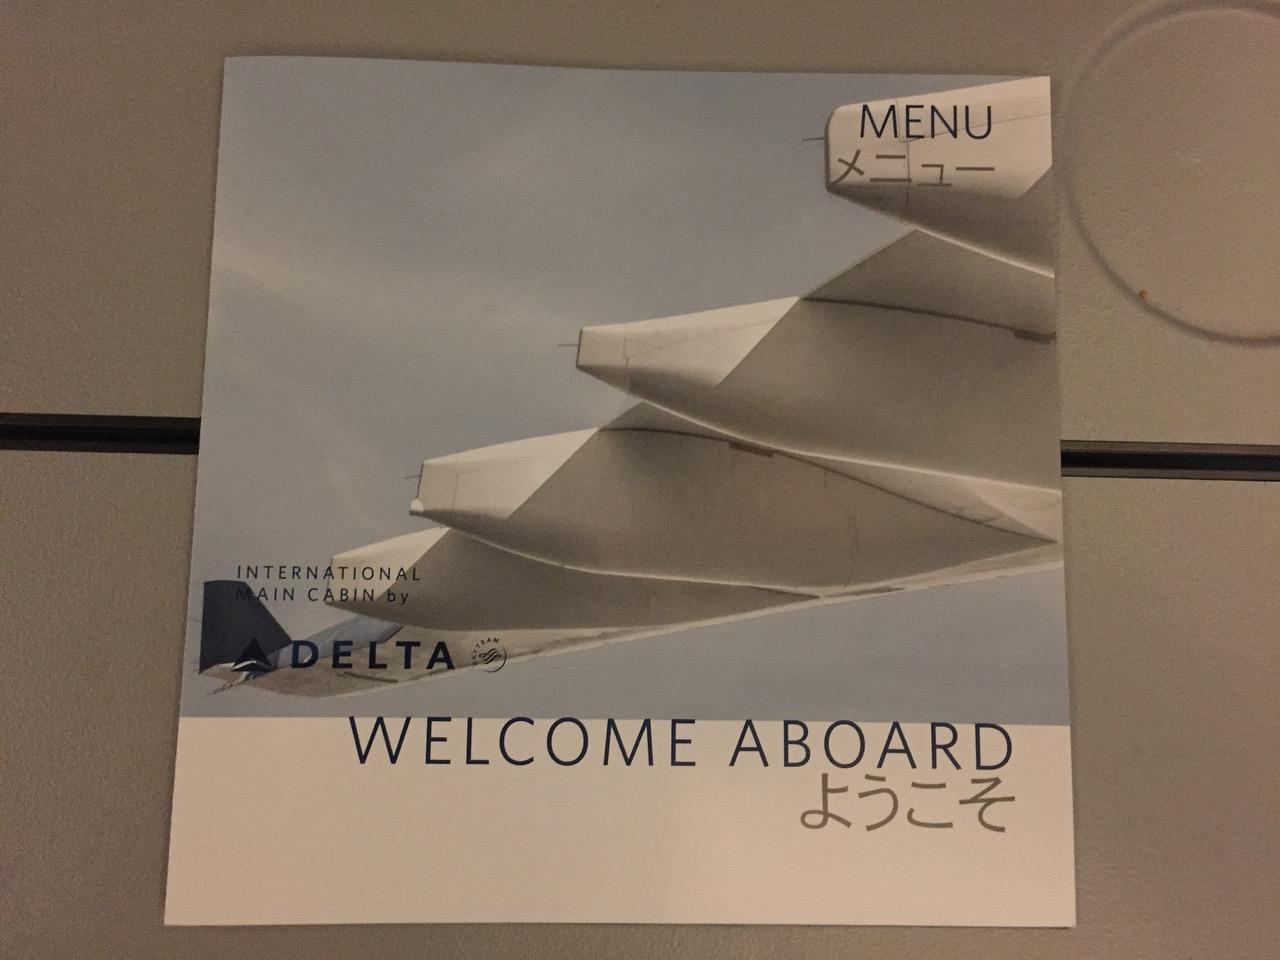 デルタ航空 メニュー